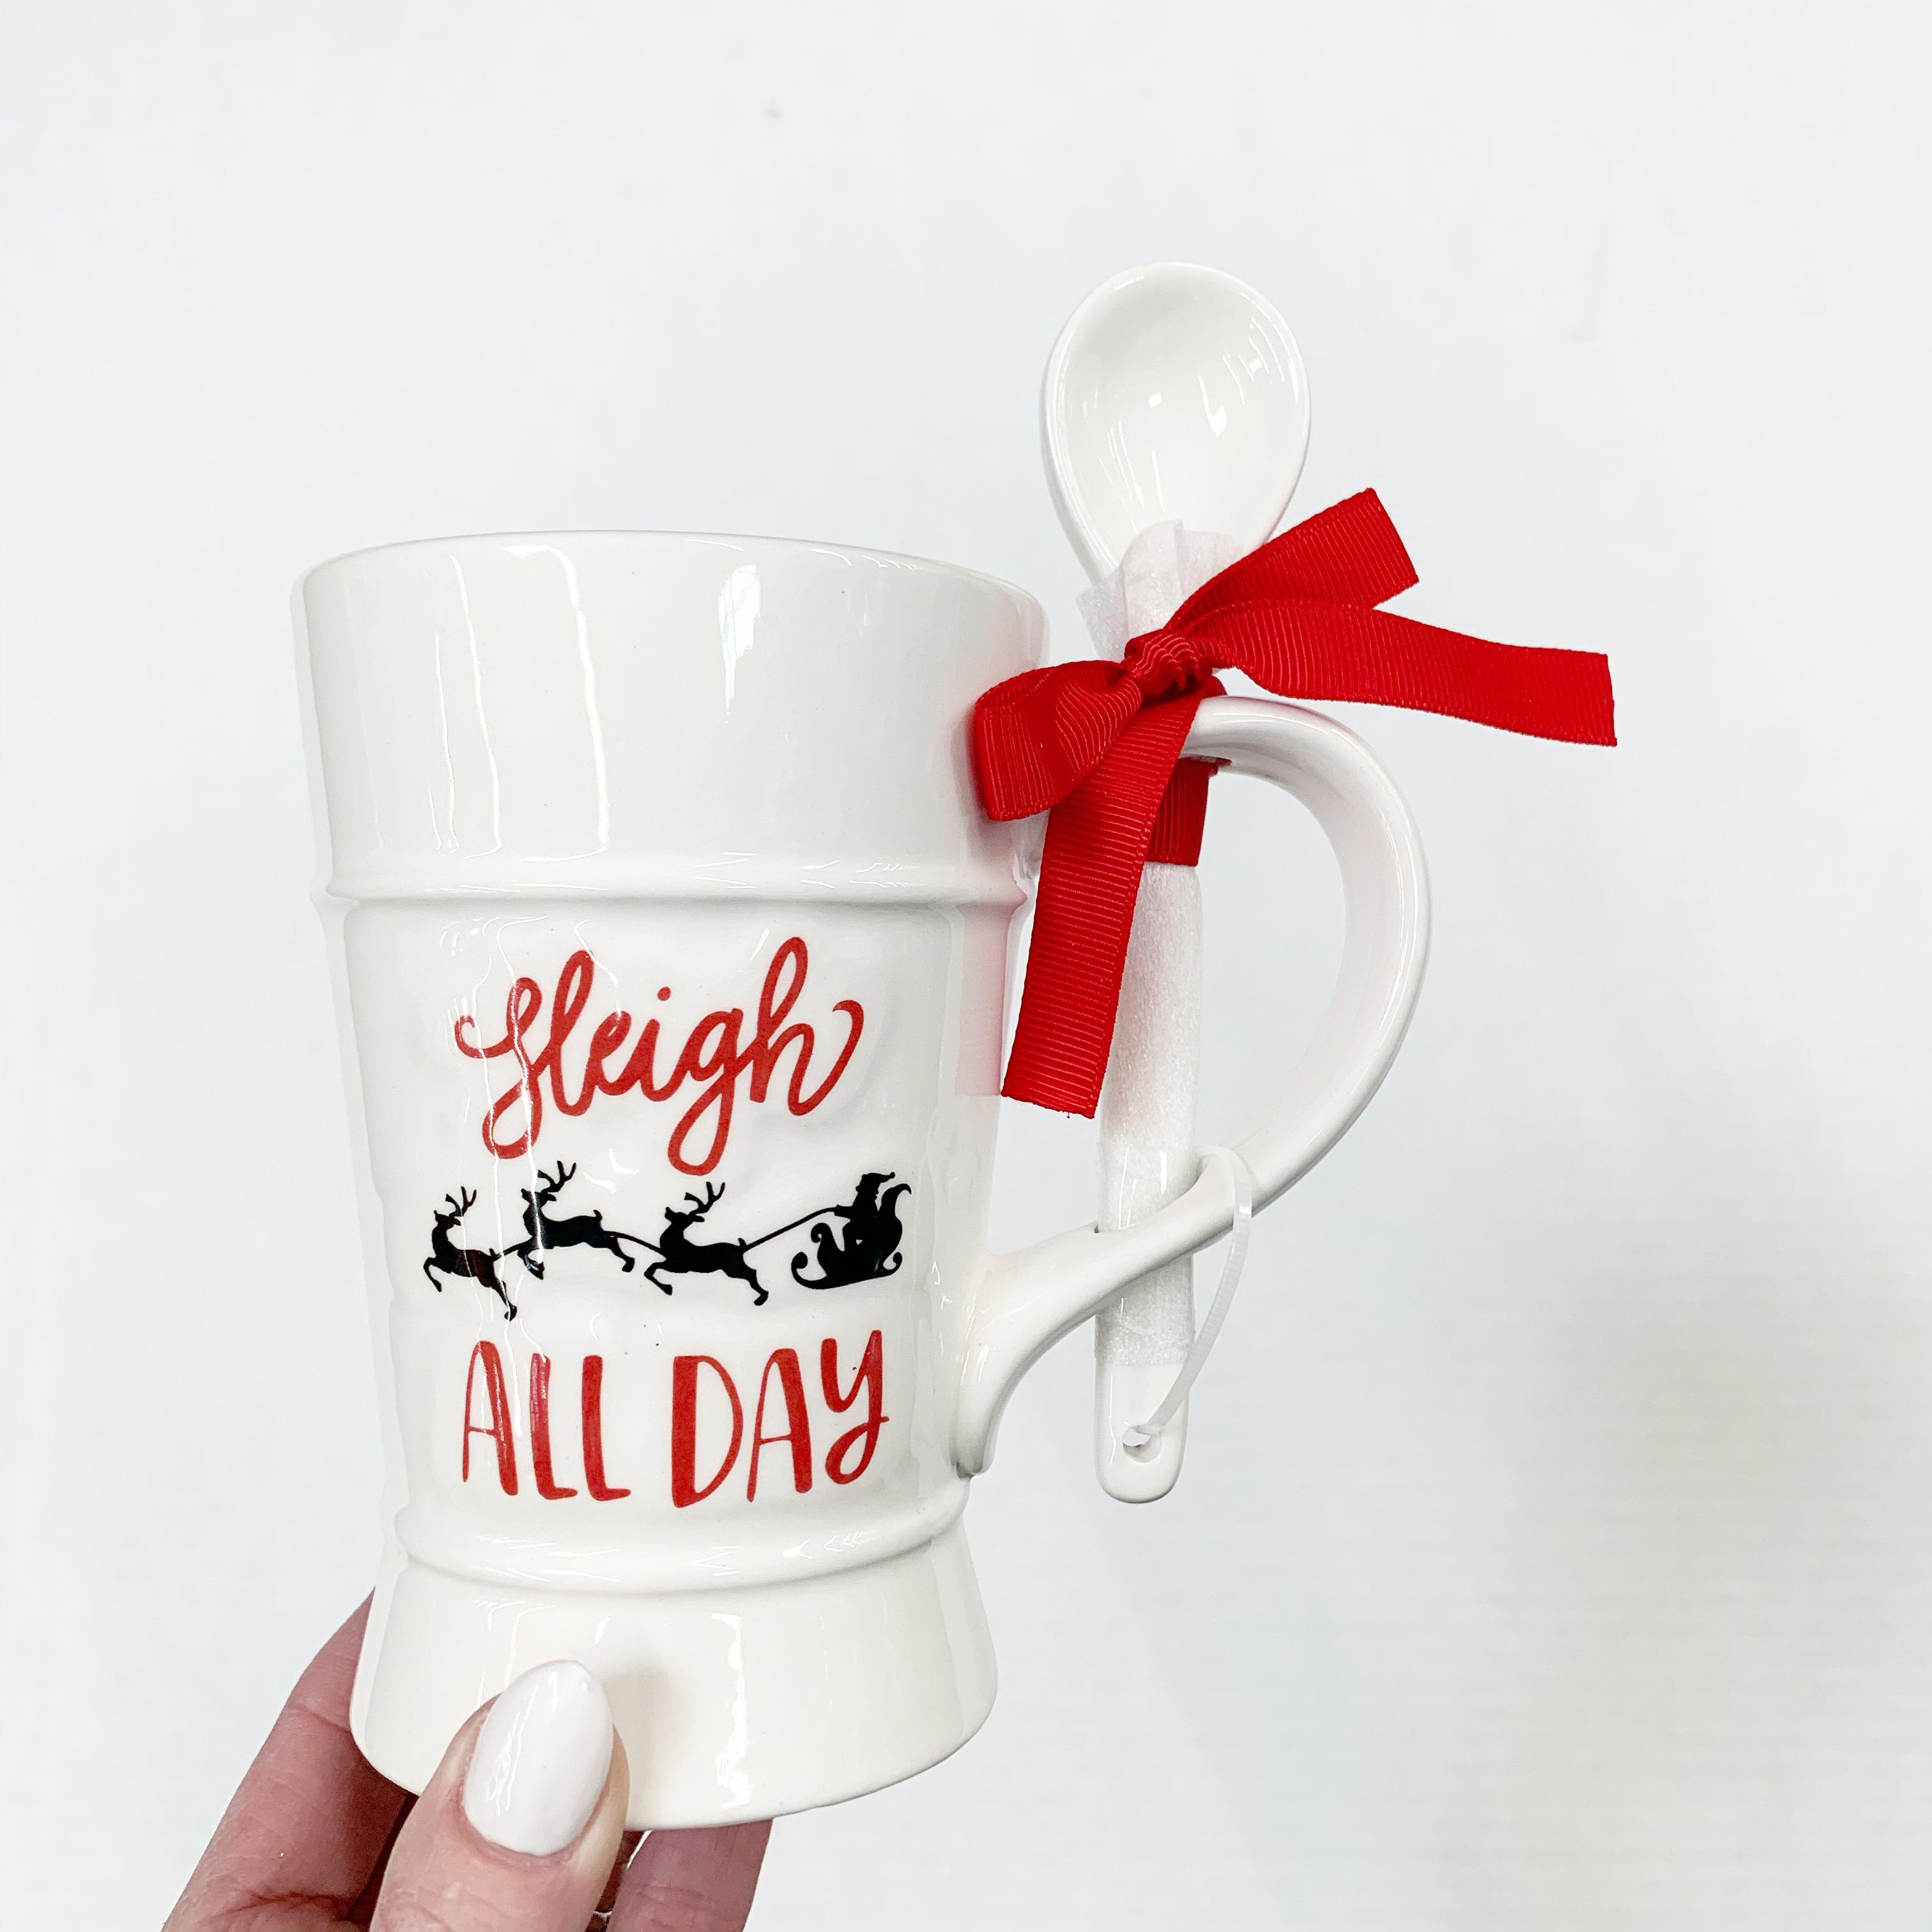 sleigh all day mug with spoon